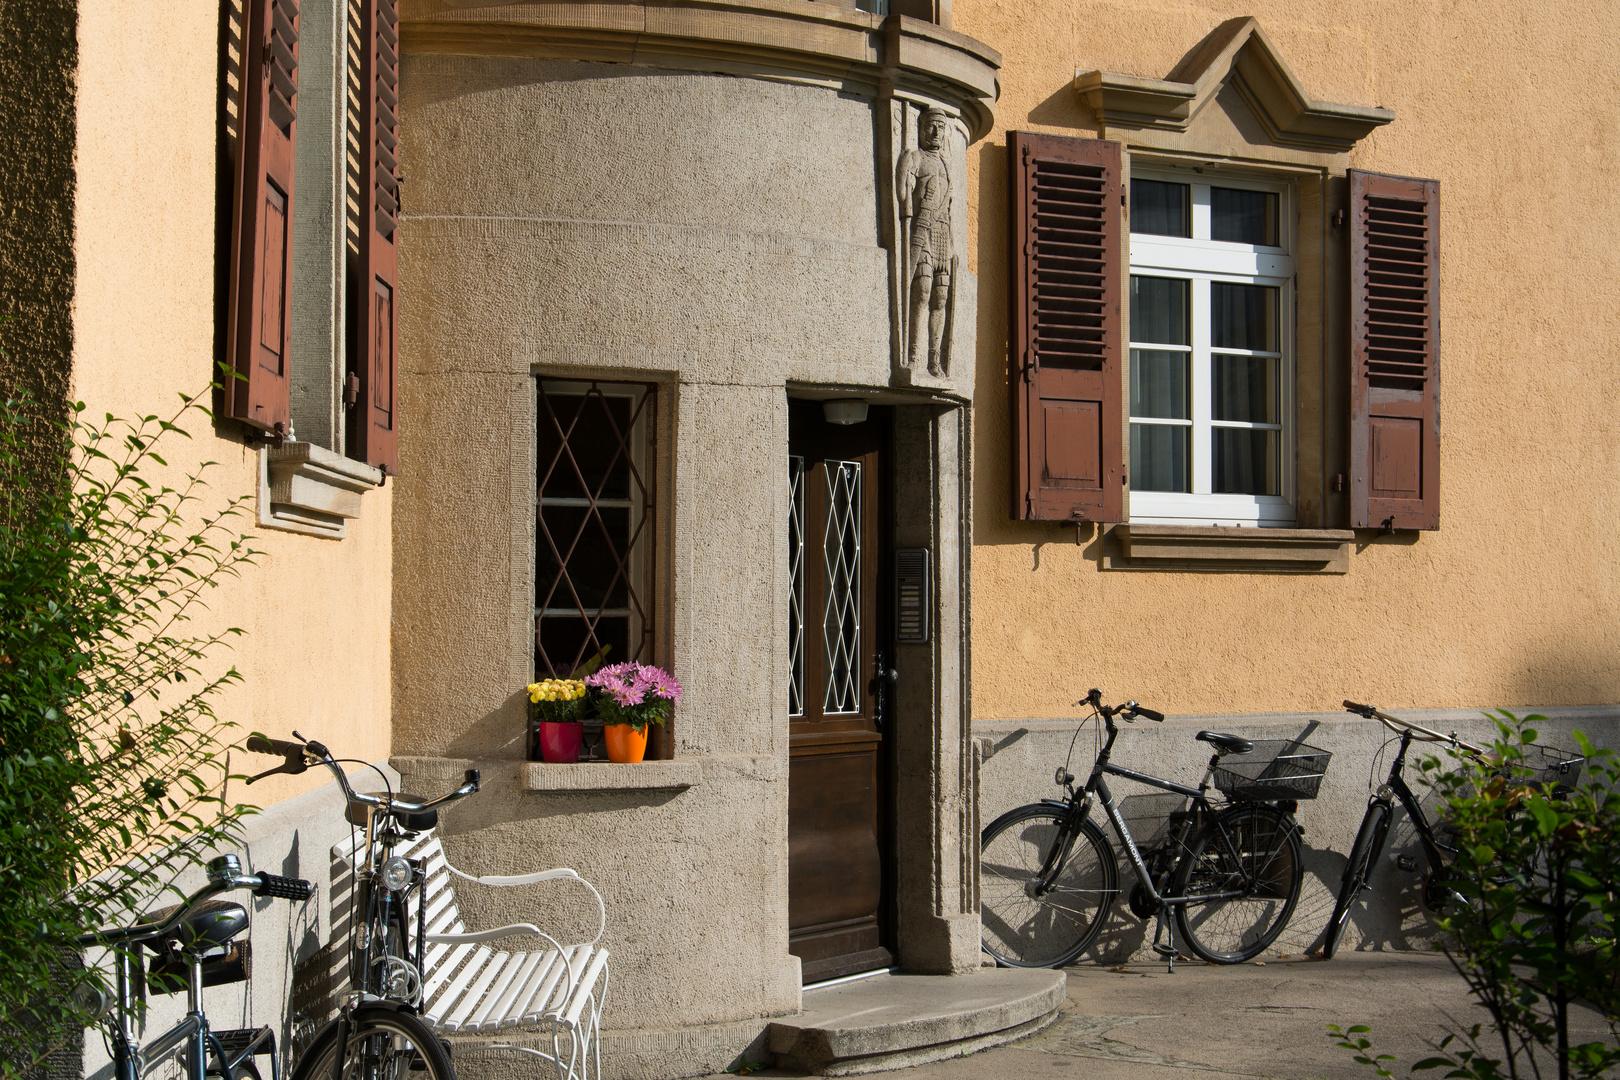 Portal des Beamtenwohnhauses Augustusstraße/Am Römerlager in Mainz